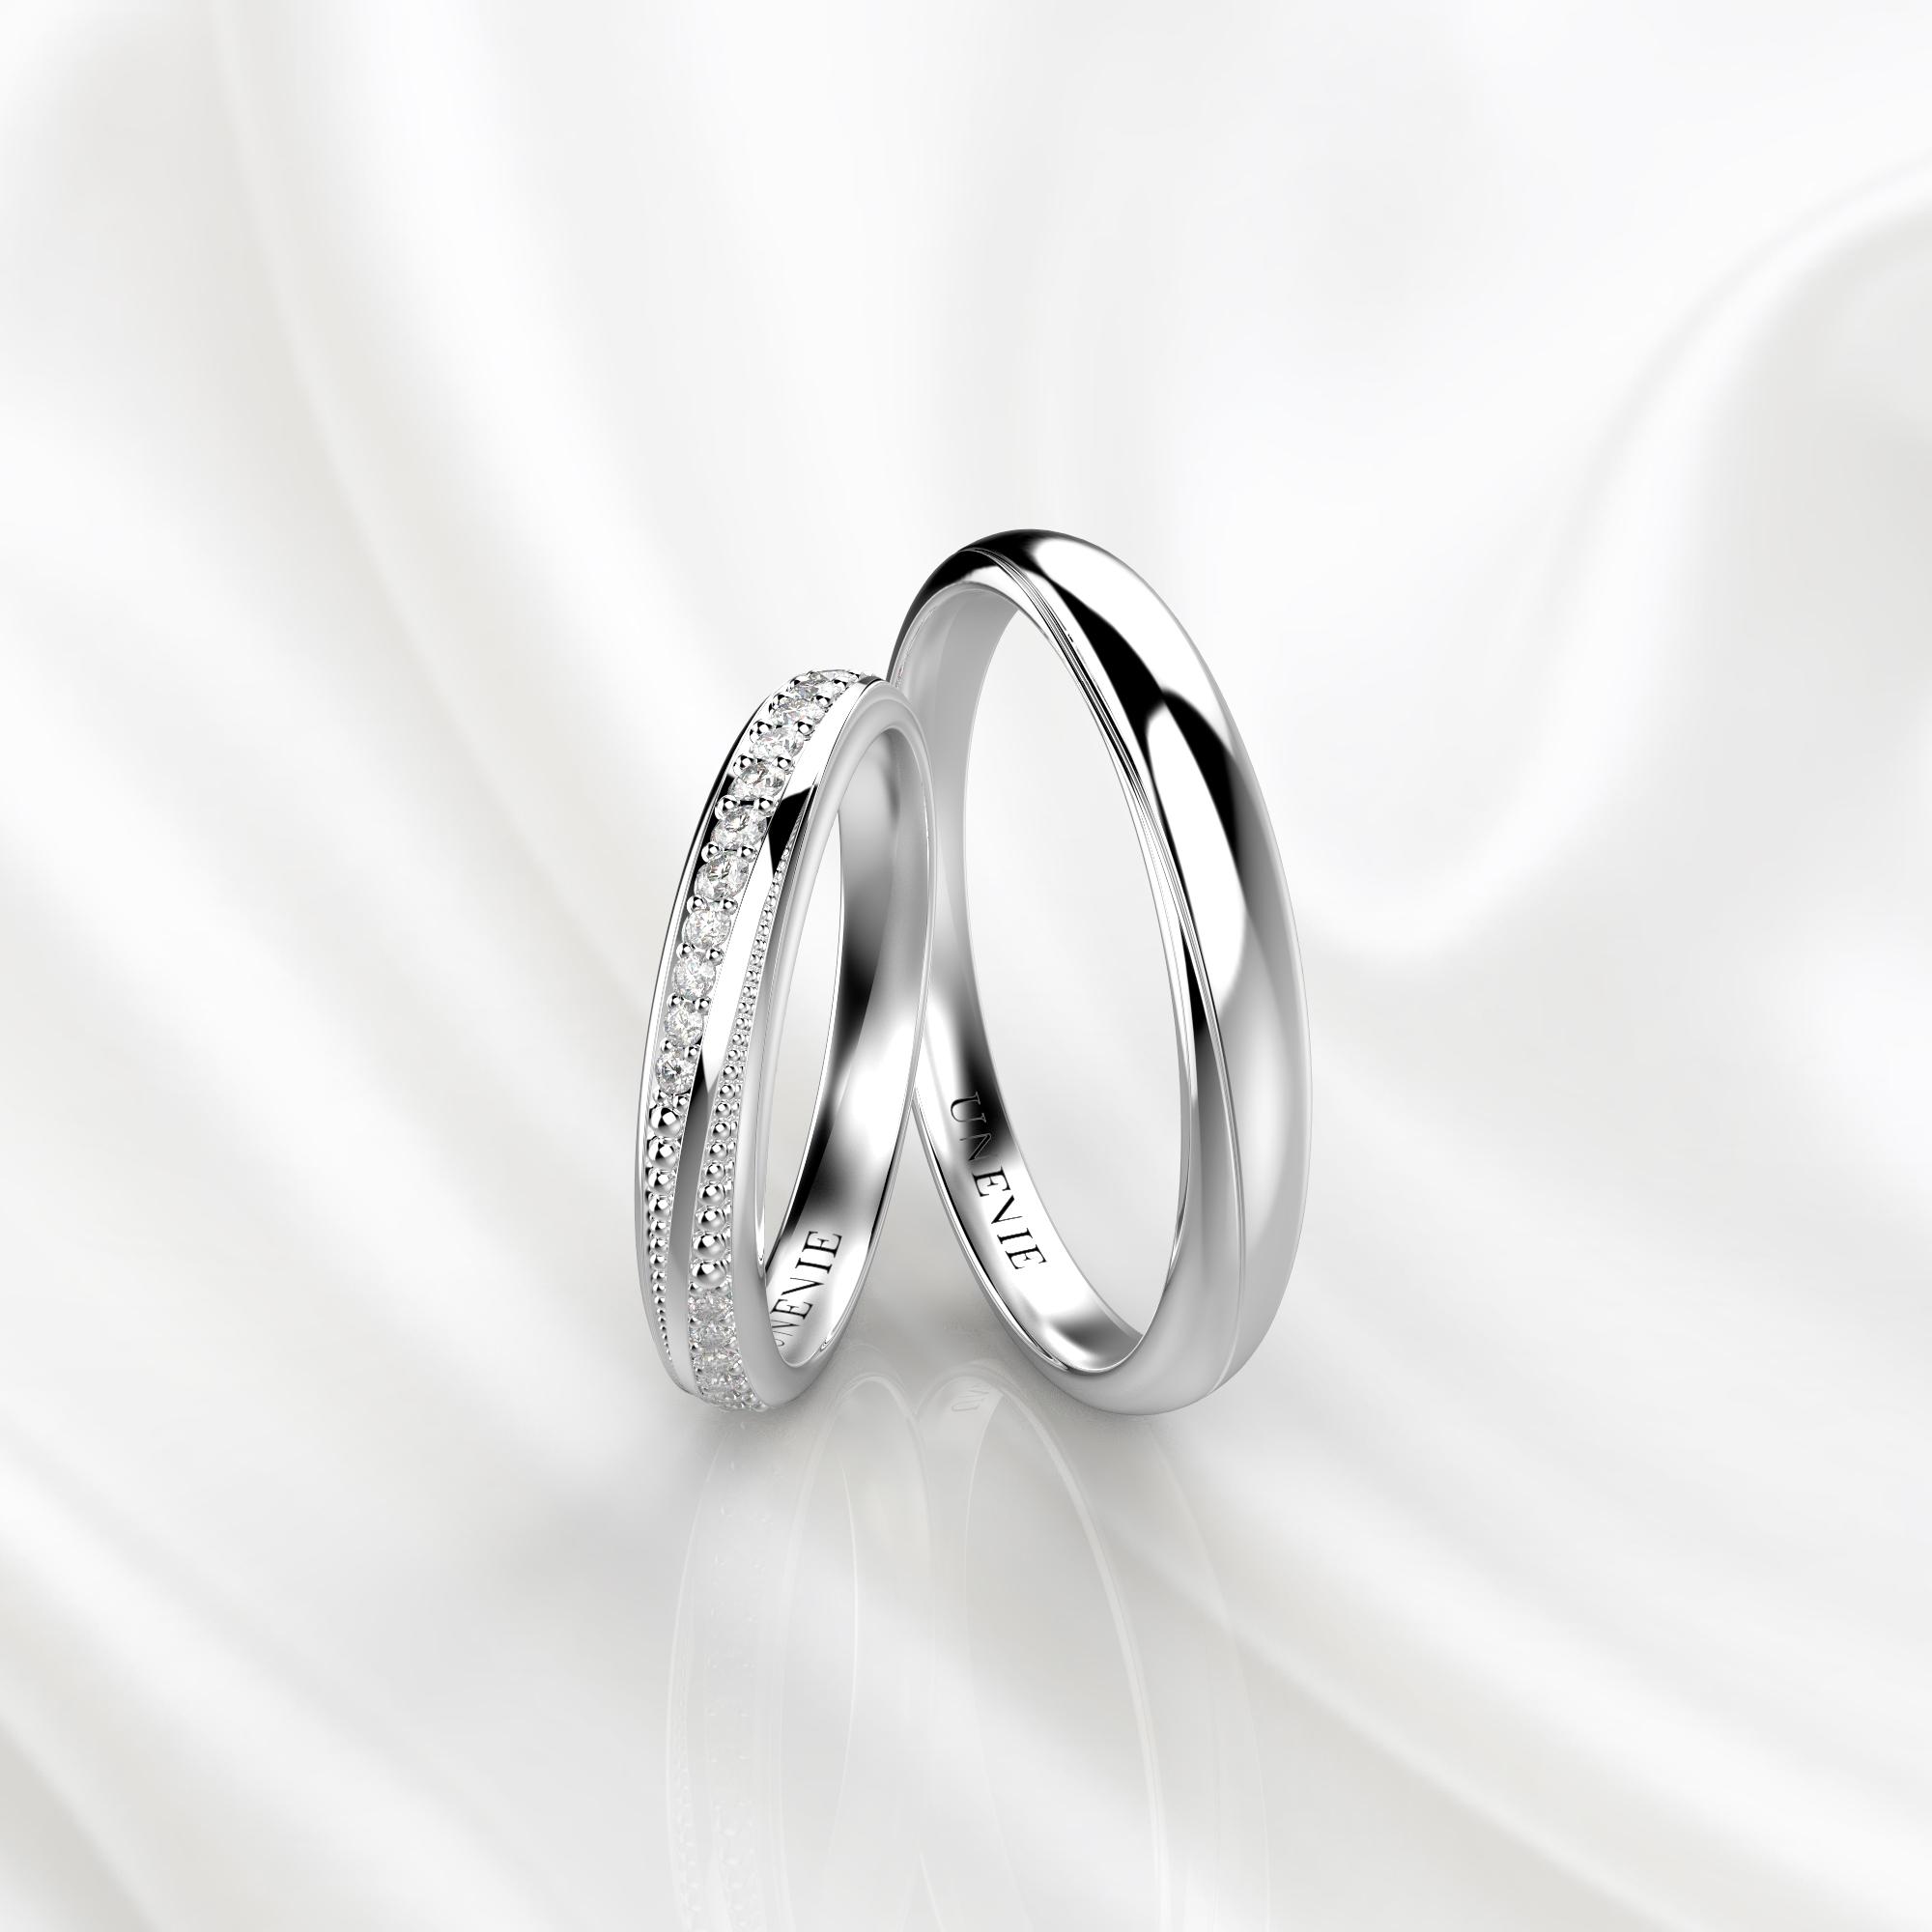 NV38 Обручальные кольца из белого золота с бриллиантами